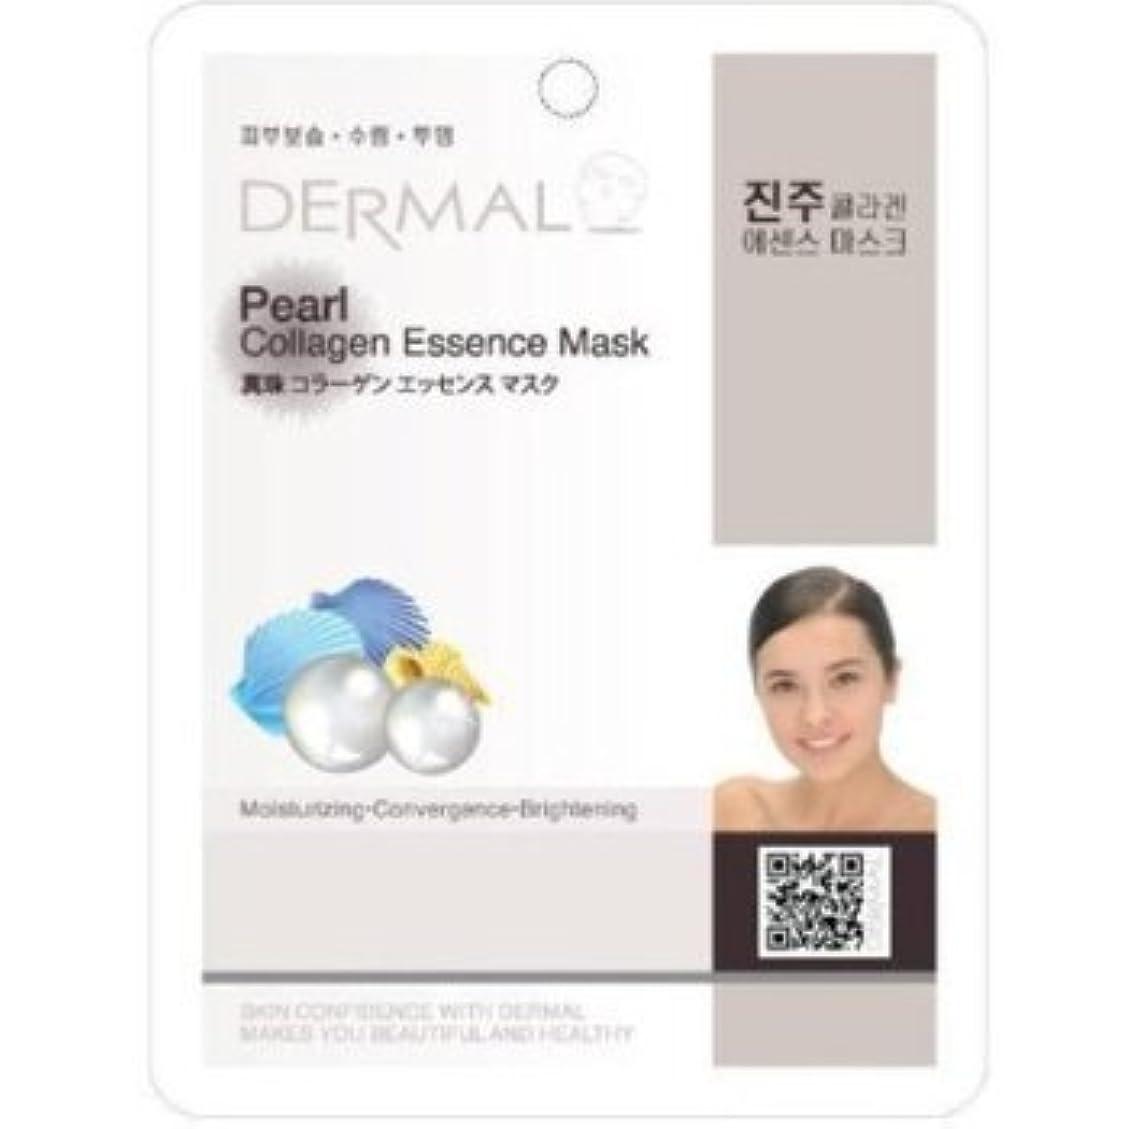 ミリメートル講堂高くDermal Korea Collagen Essence Full Face Facial Mask Sheet - Pearl (100 pcs, 1box)